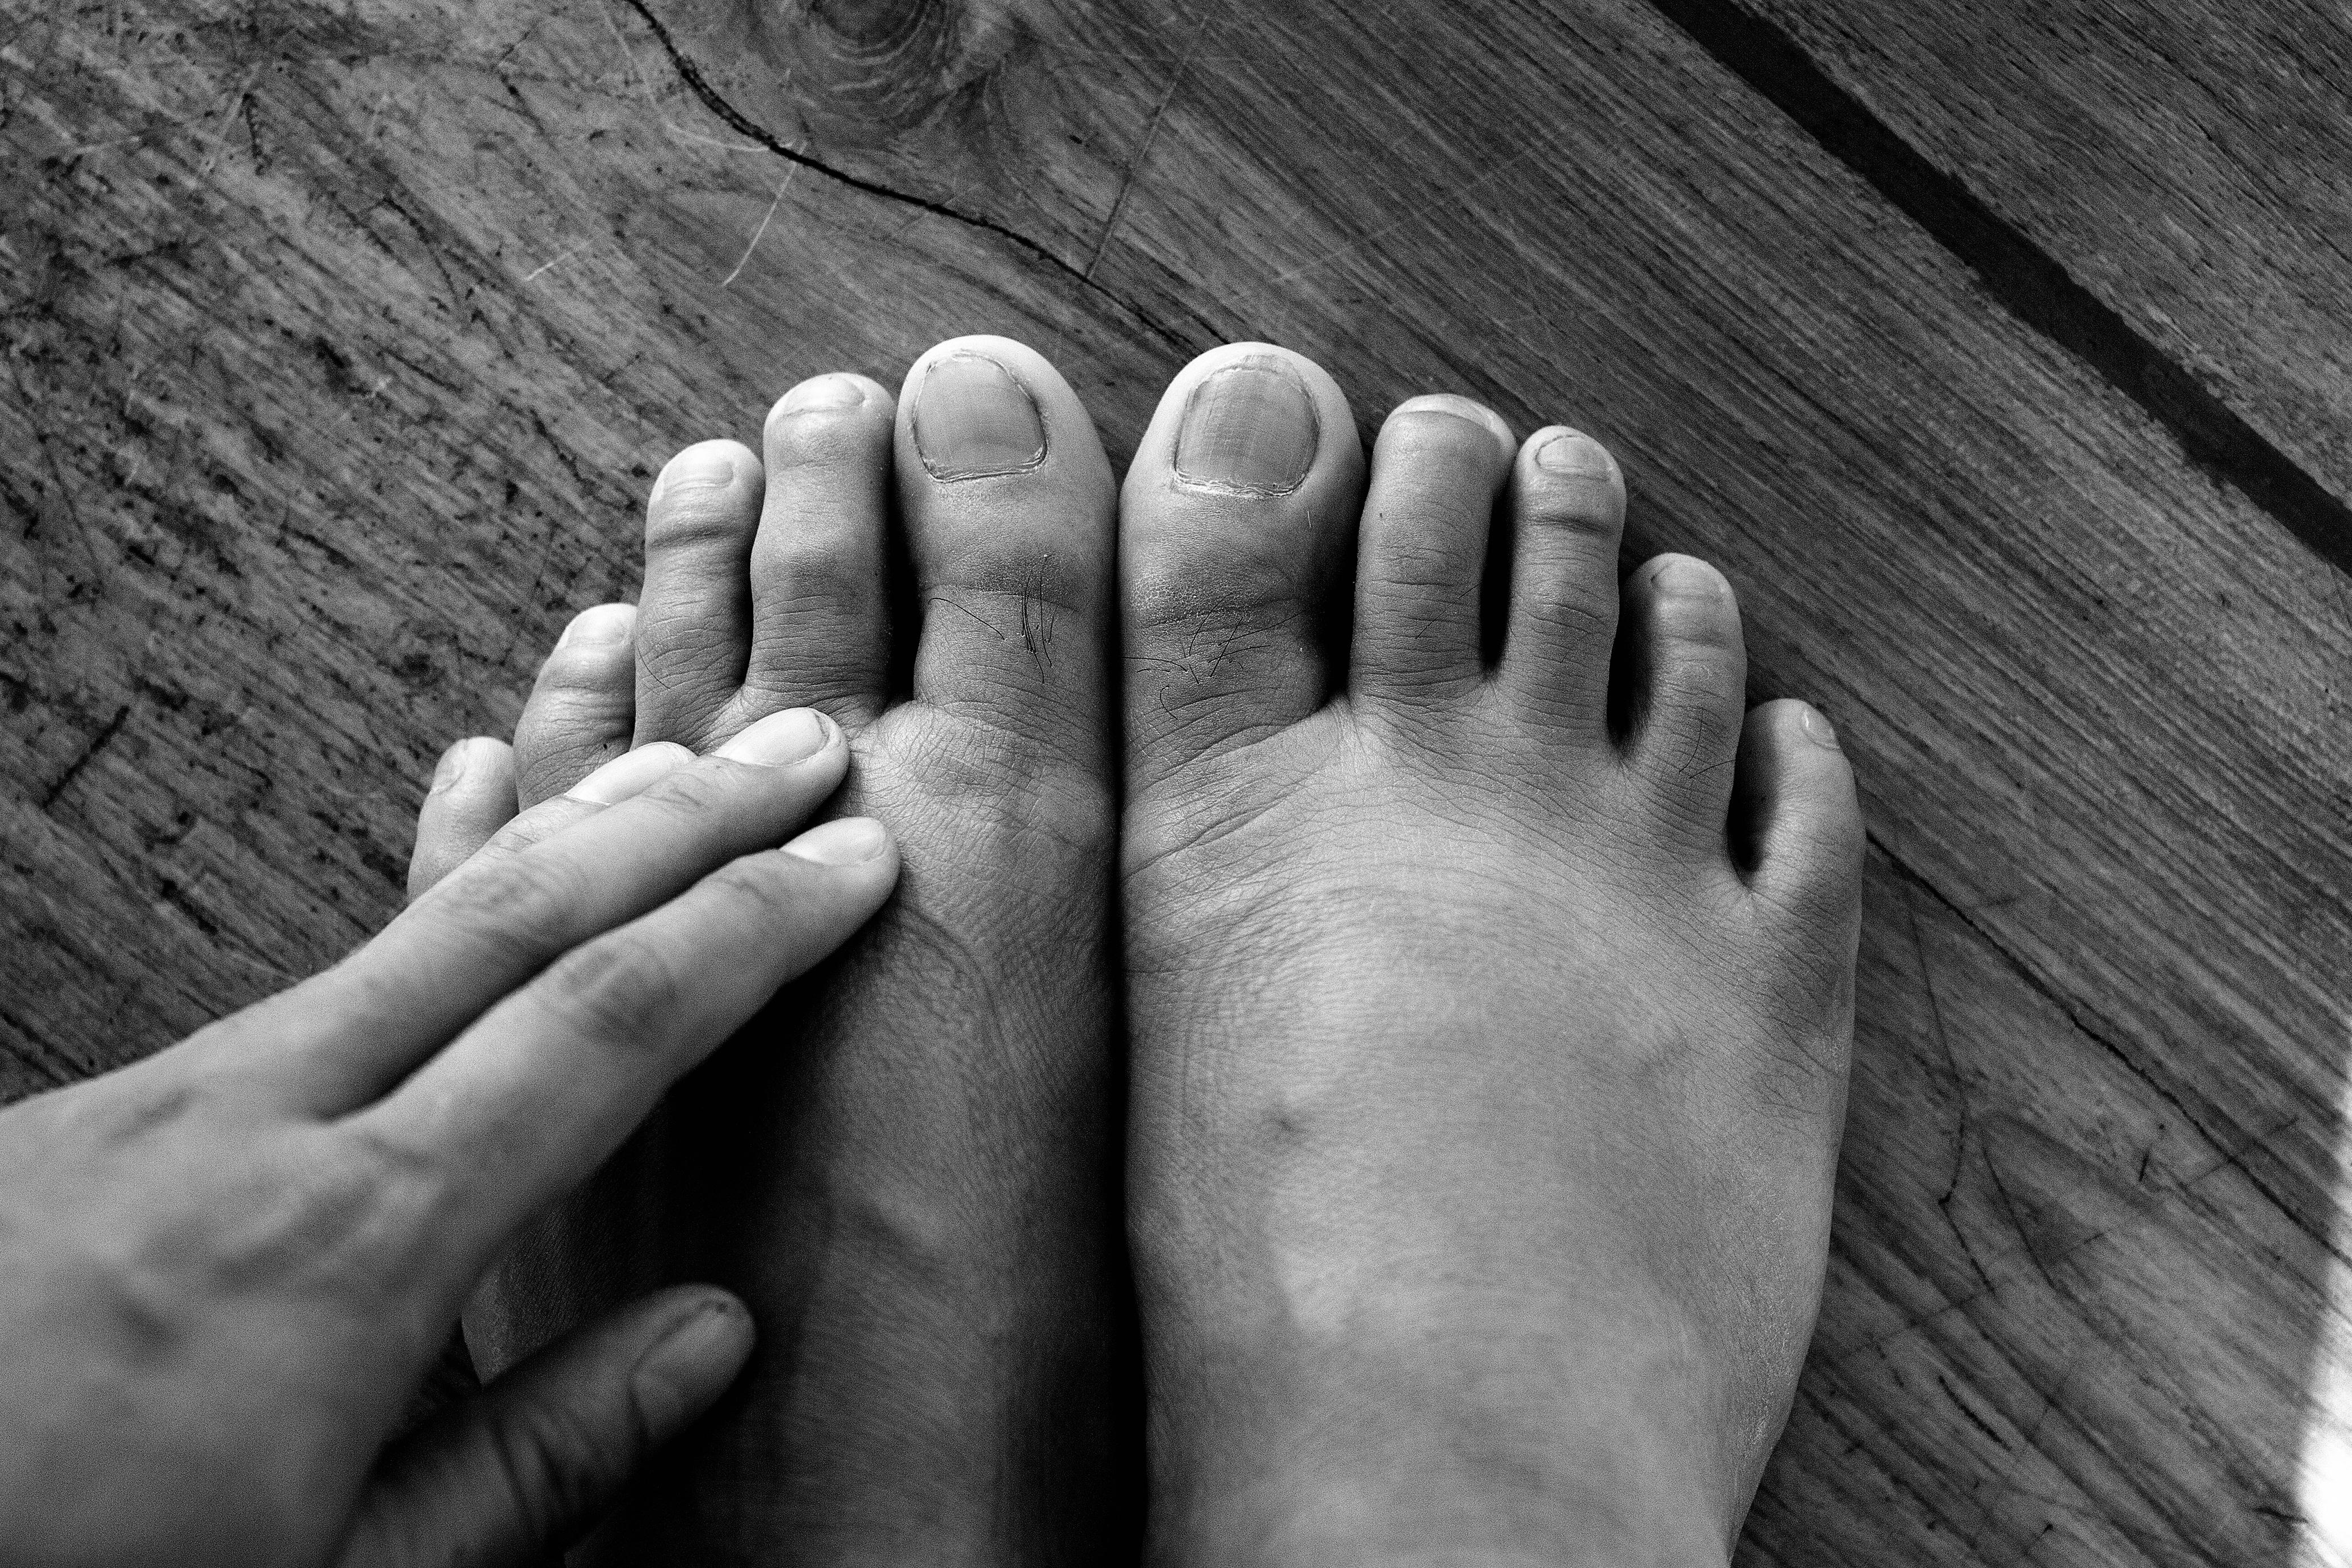 Dina fötter förtjänar samma omtanke som resten av din kropp.